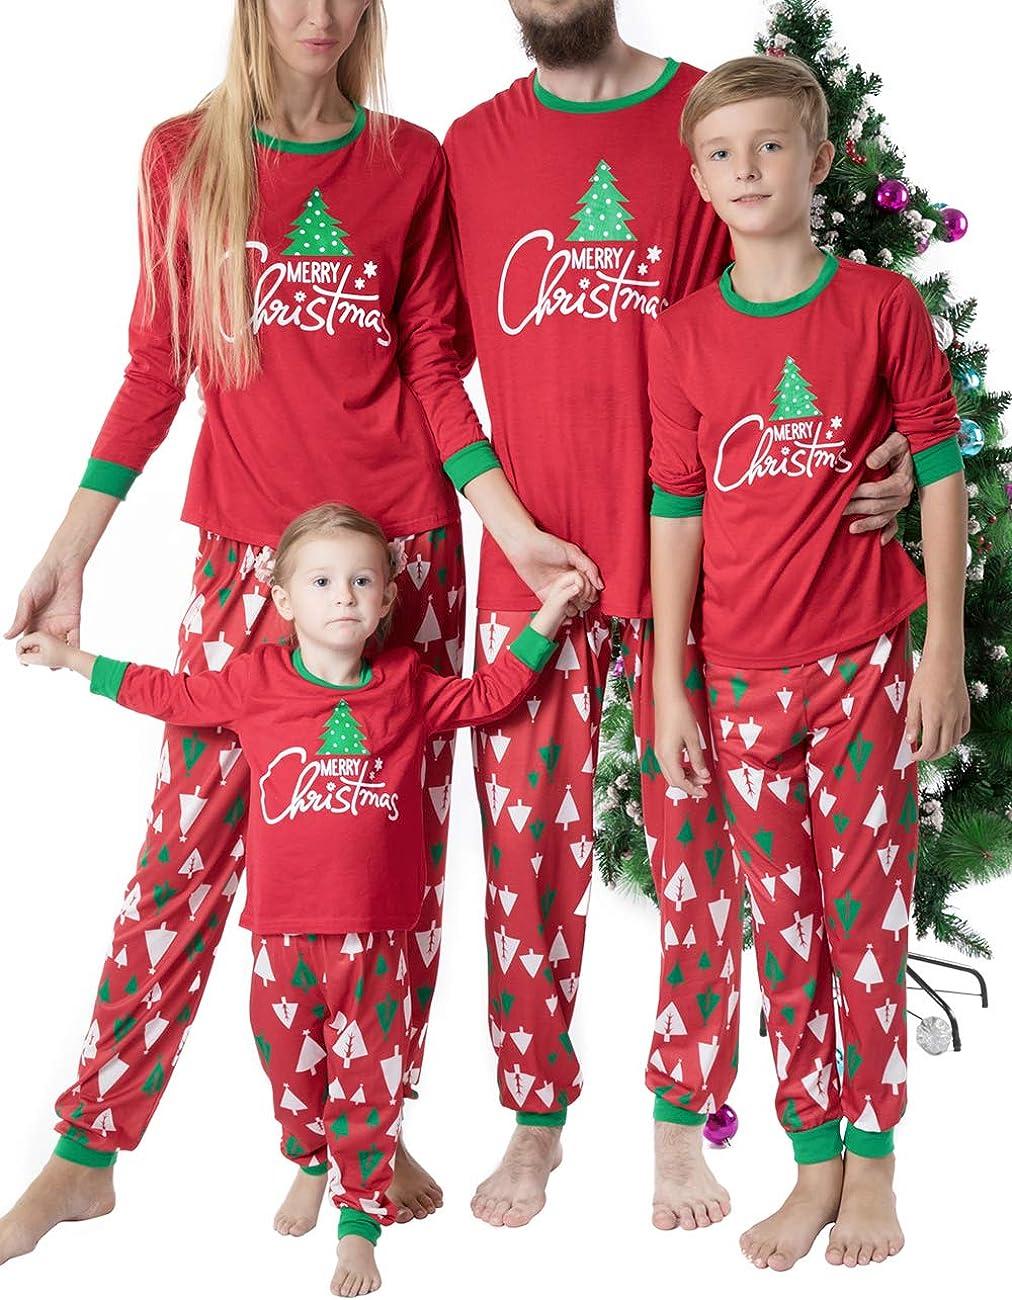 Matching Family Christmas Pajamas Sets Xmas Long Sleeve Tee and Pants Xmas Pajamas Sleepwear